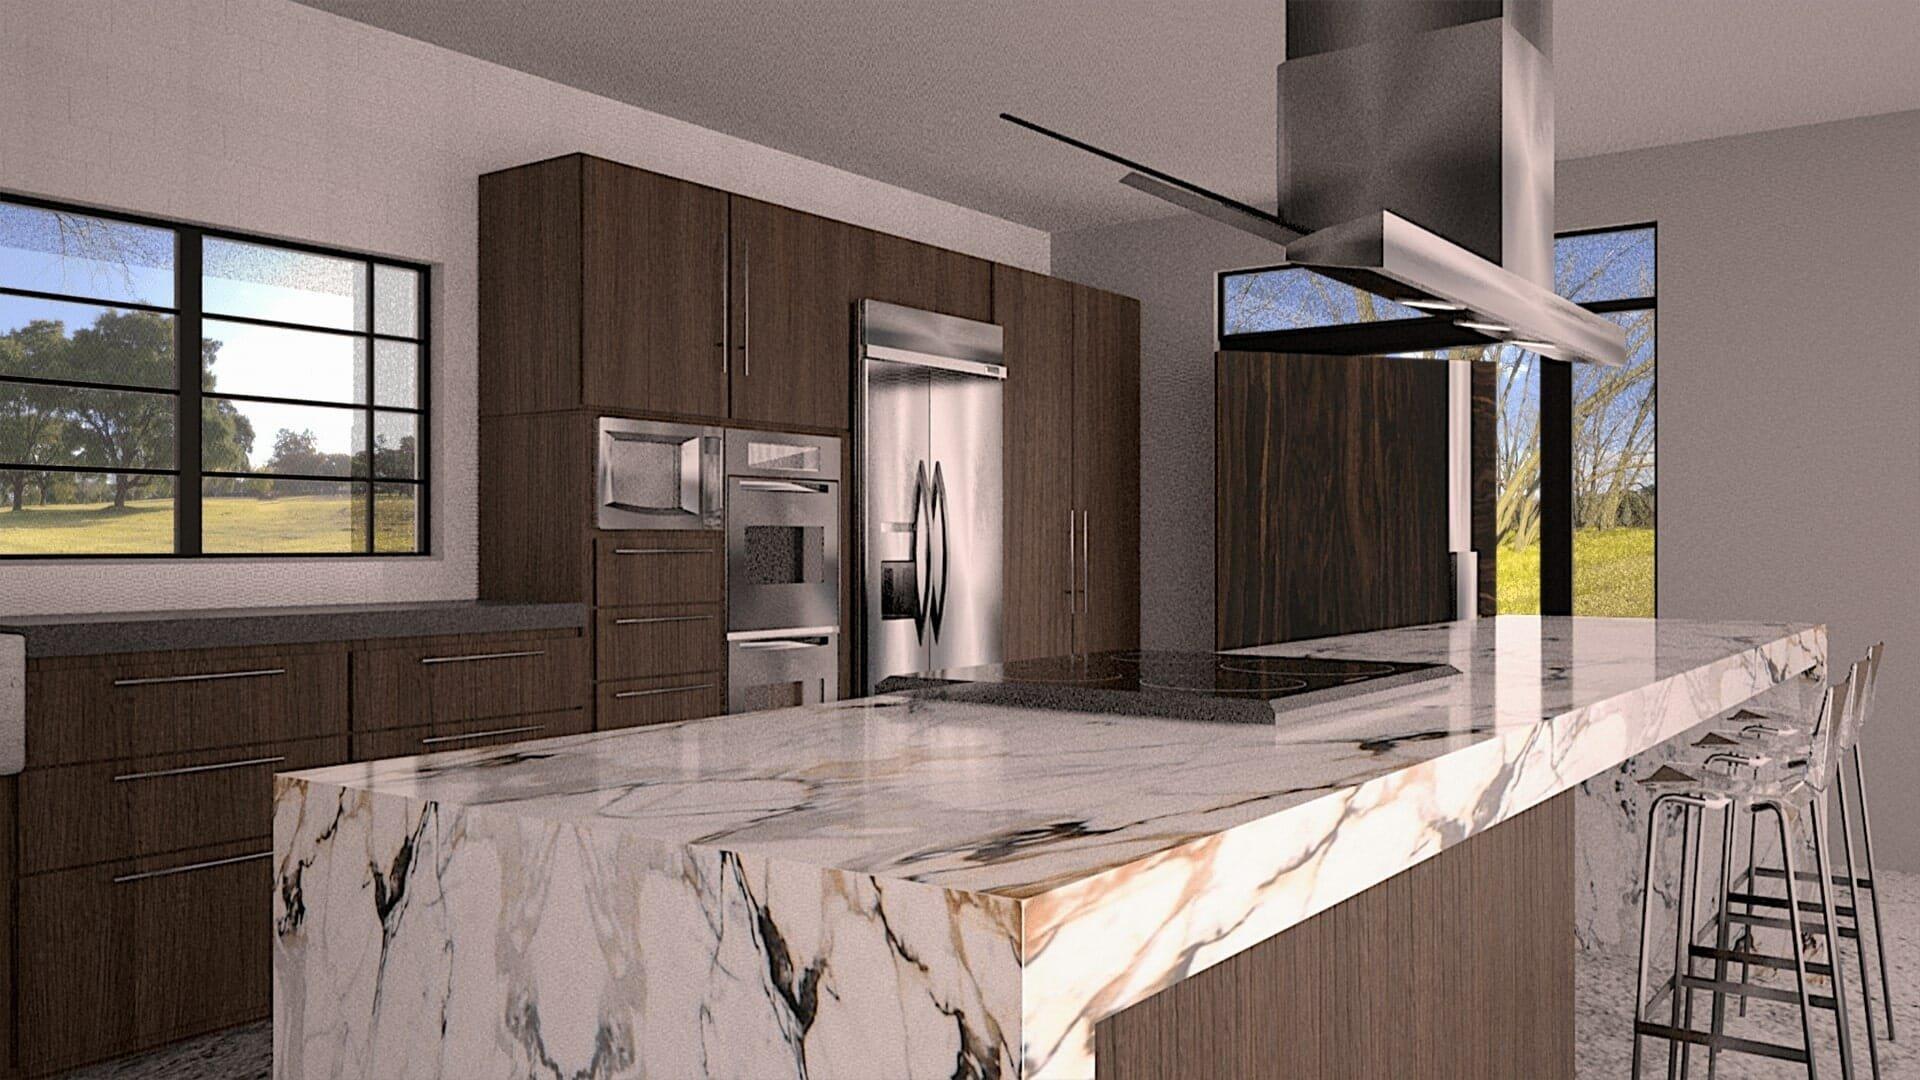 Contemporary kitchen by one of Decorilla's top Orlando interior designers, Yumilka S